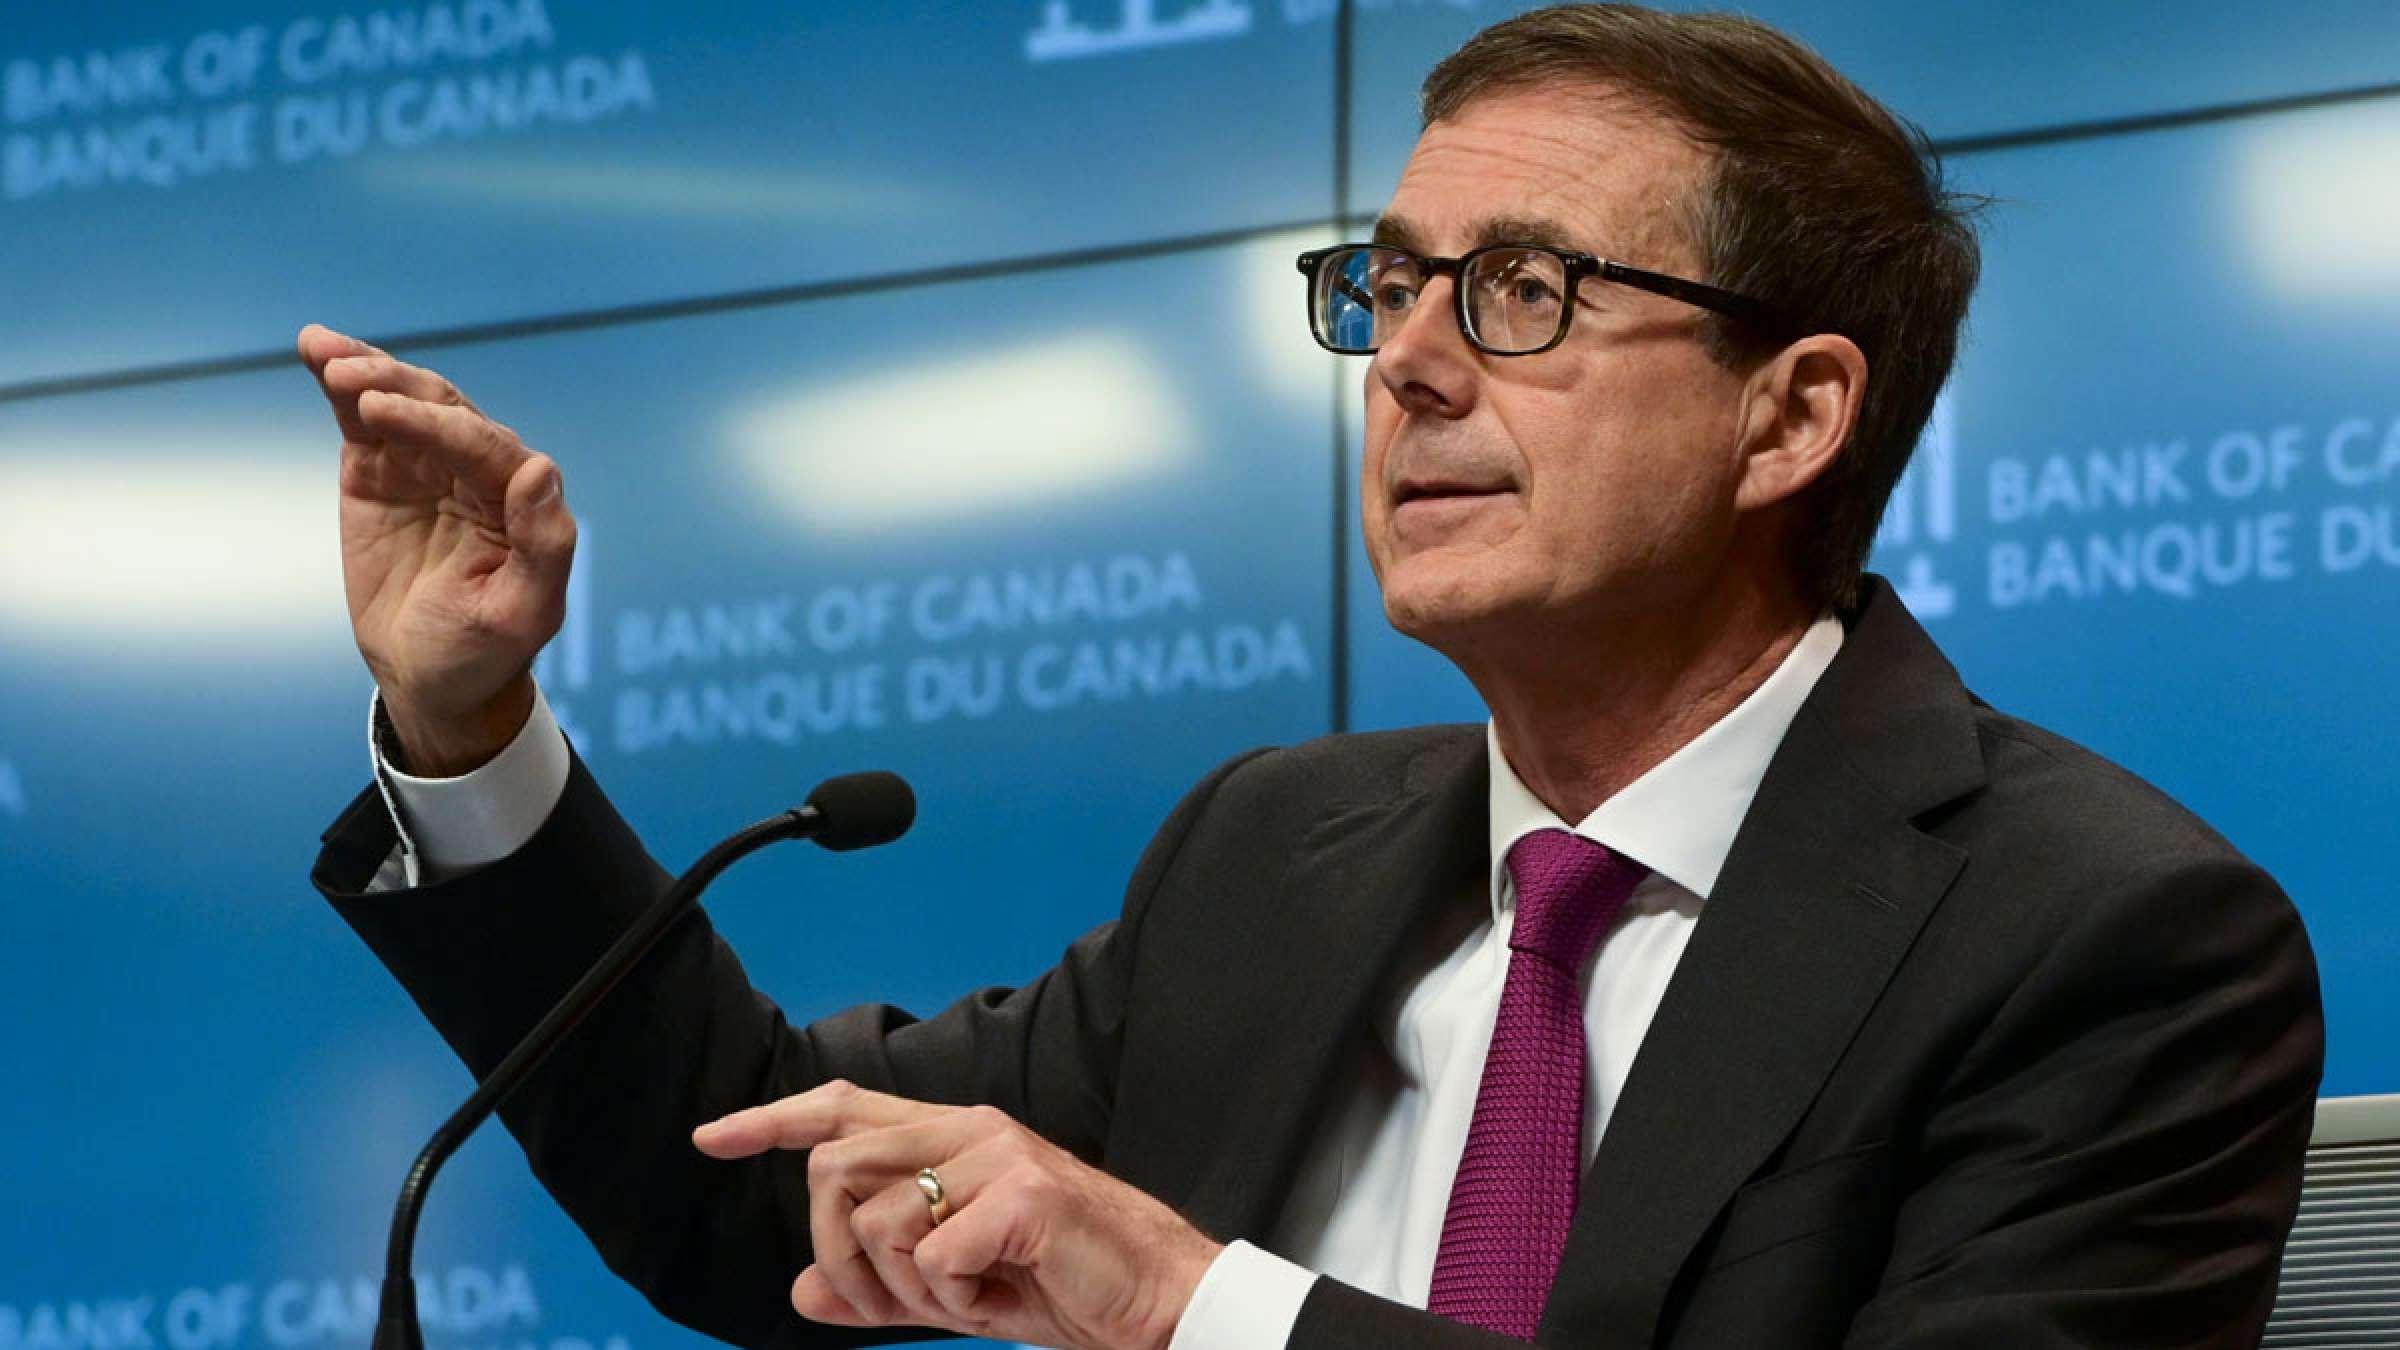 اخبار-کانادا-بانک-مرکزی-کانادا-در-راه-افزایش-نرخ-بهره-پایه